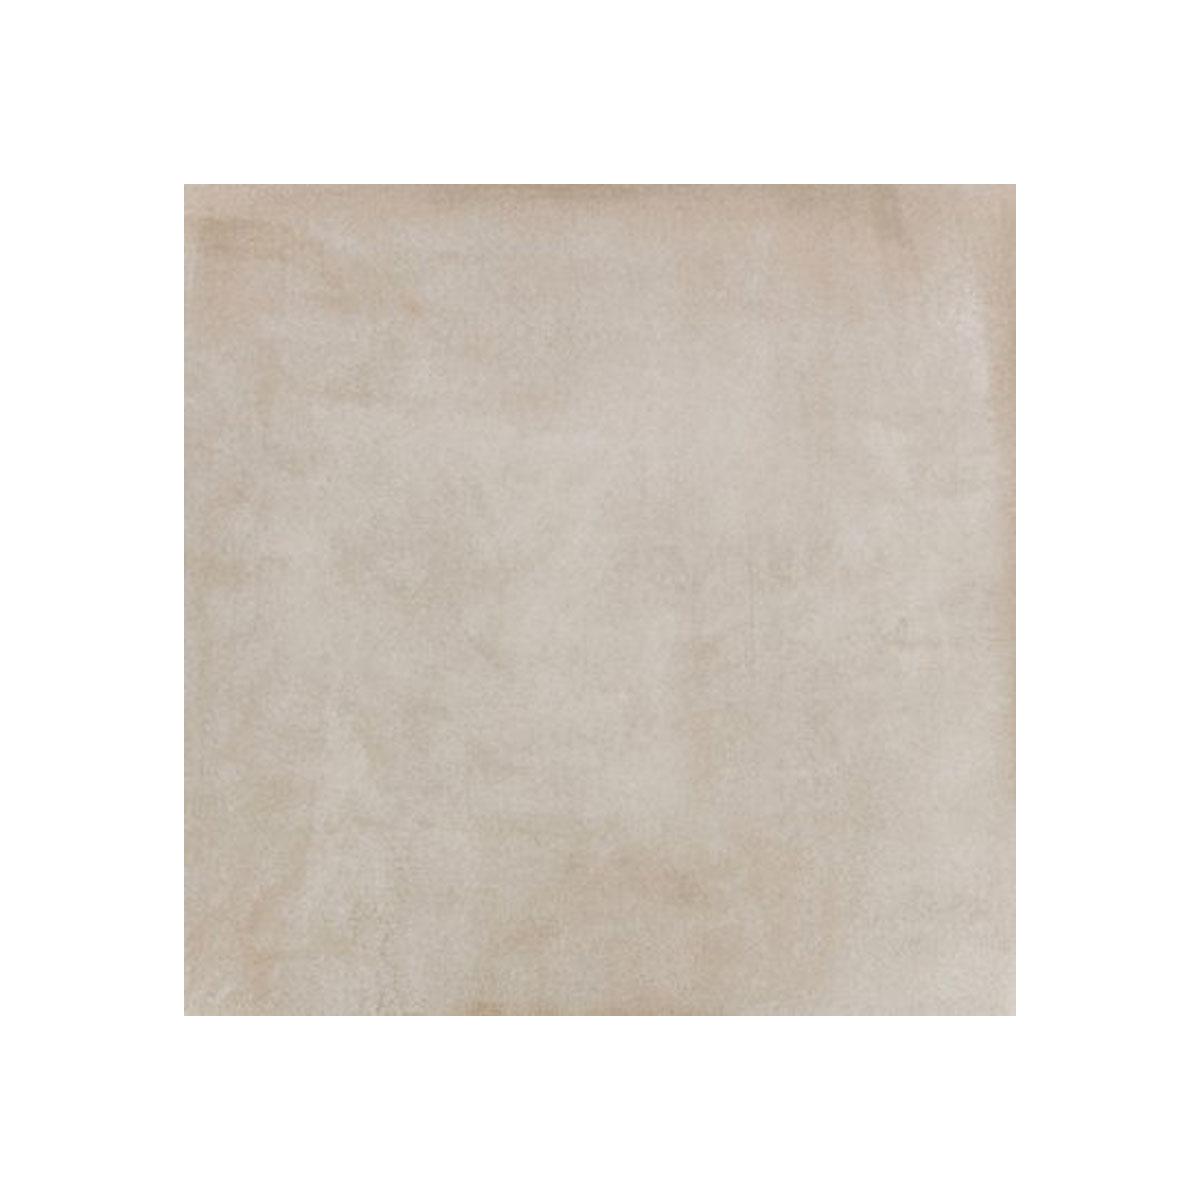 Basic Concrete - Beige - 750x750mm - Concrete Look Tiles - Stone3 Brisbane